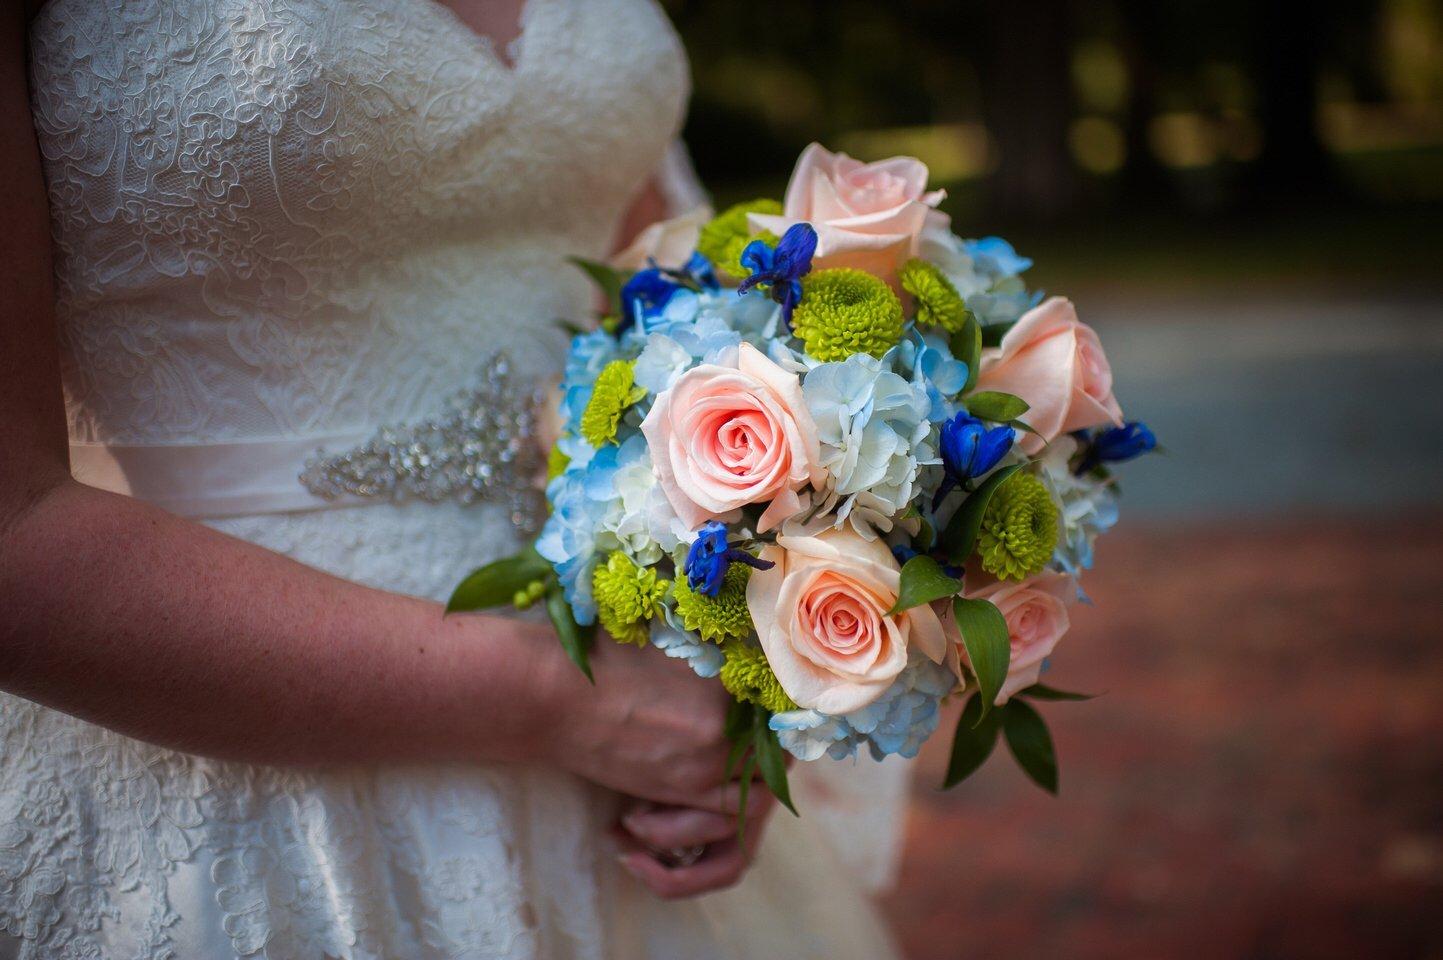 Wholesale Floral Supply Discount Wholesale Floral Supplies Florist